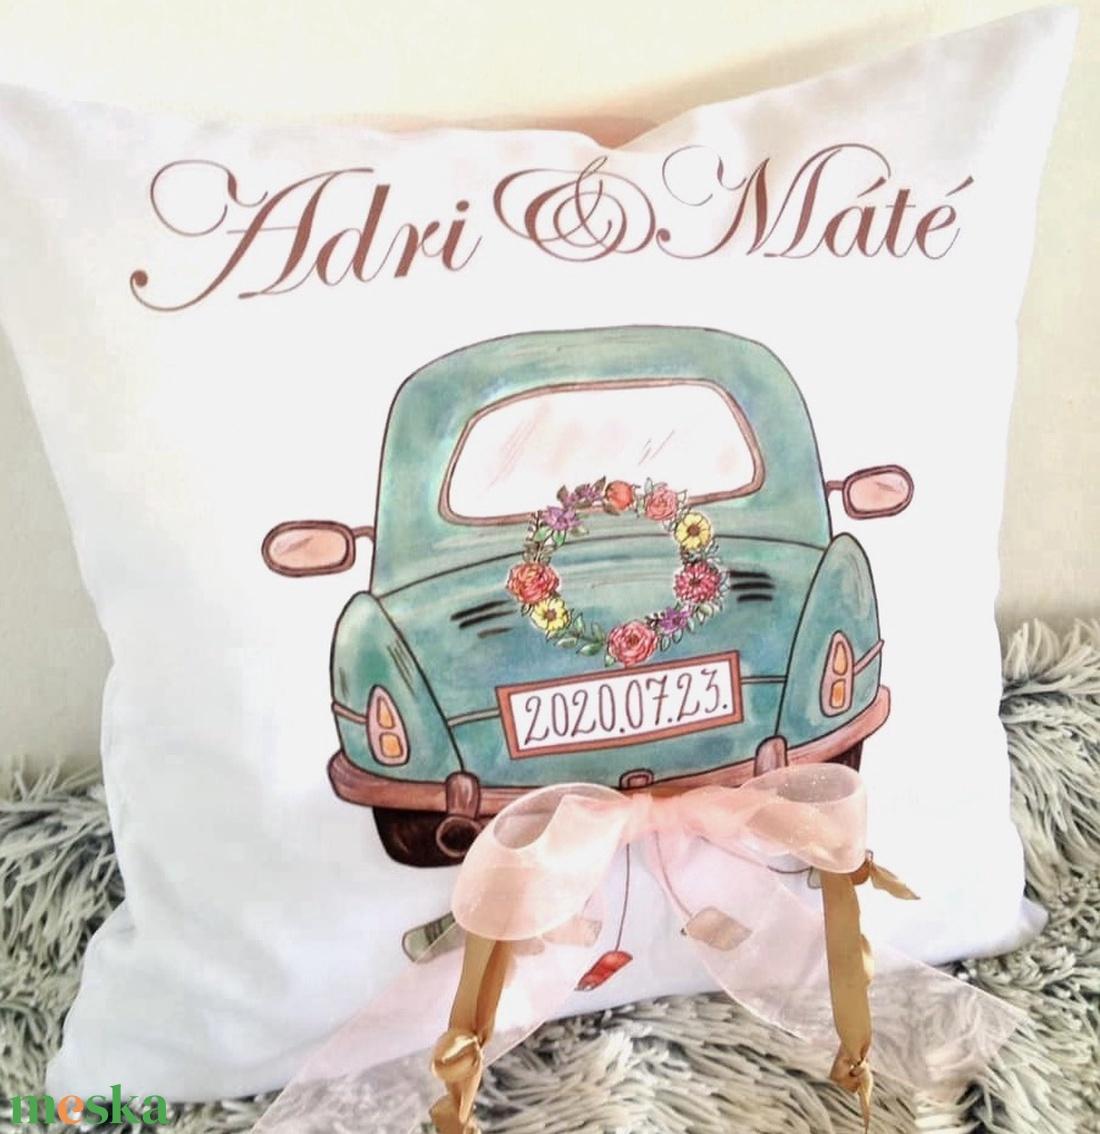 Egyedi esküvői ajándék párna névvel és dátummal, nászajándék párna, névre szóló egyedi ajándék, huzat+belső párna (EVYHomeDecor) Meska.hu